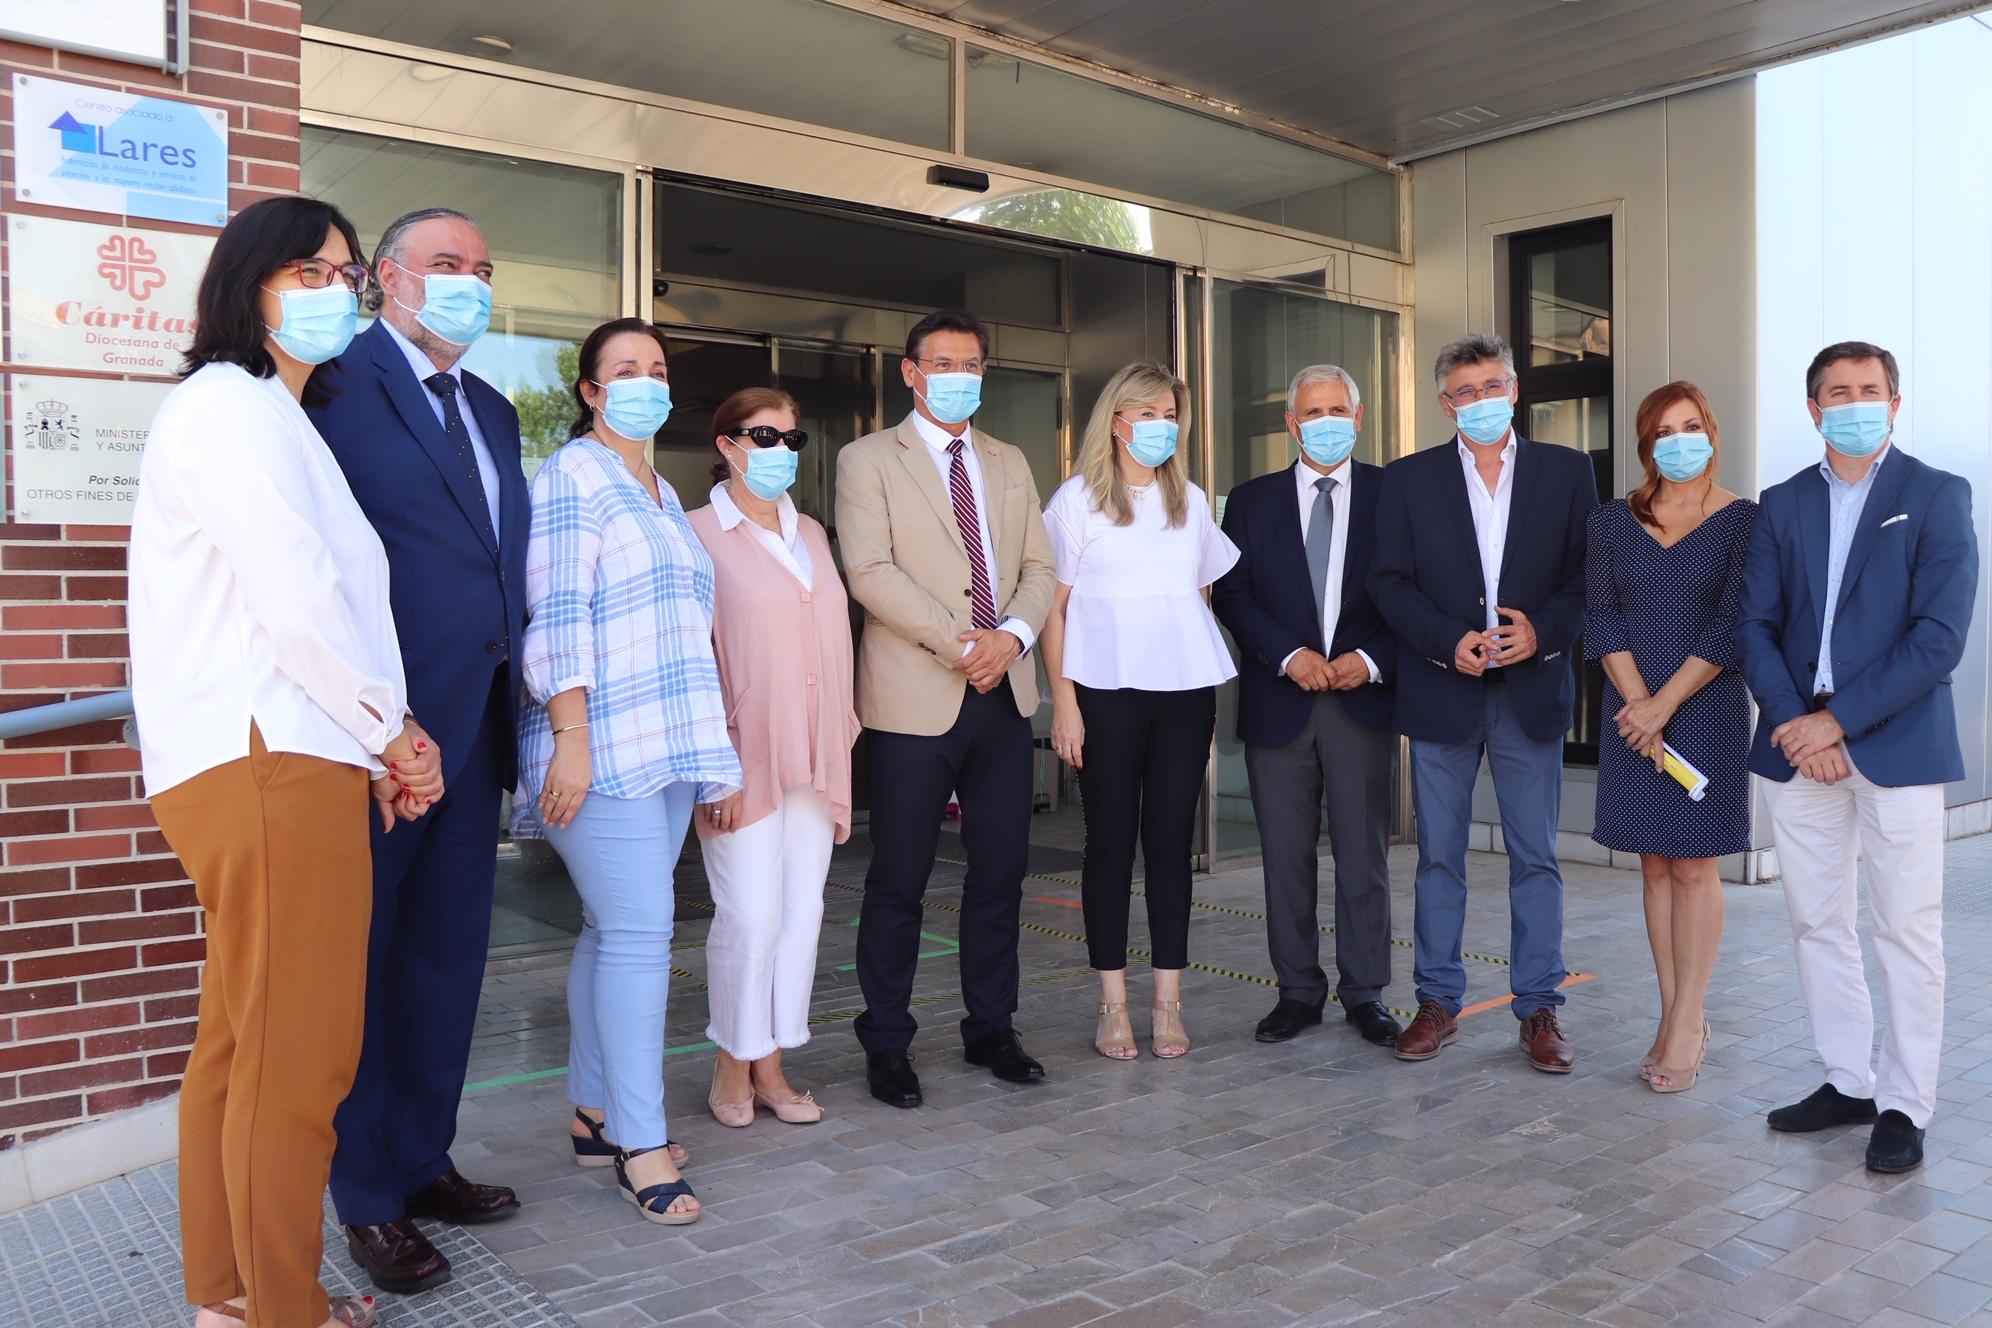 La Junta promociona el consumo de cordero en colaboración con Cáritas y cooperativas